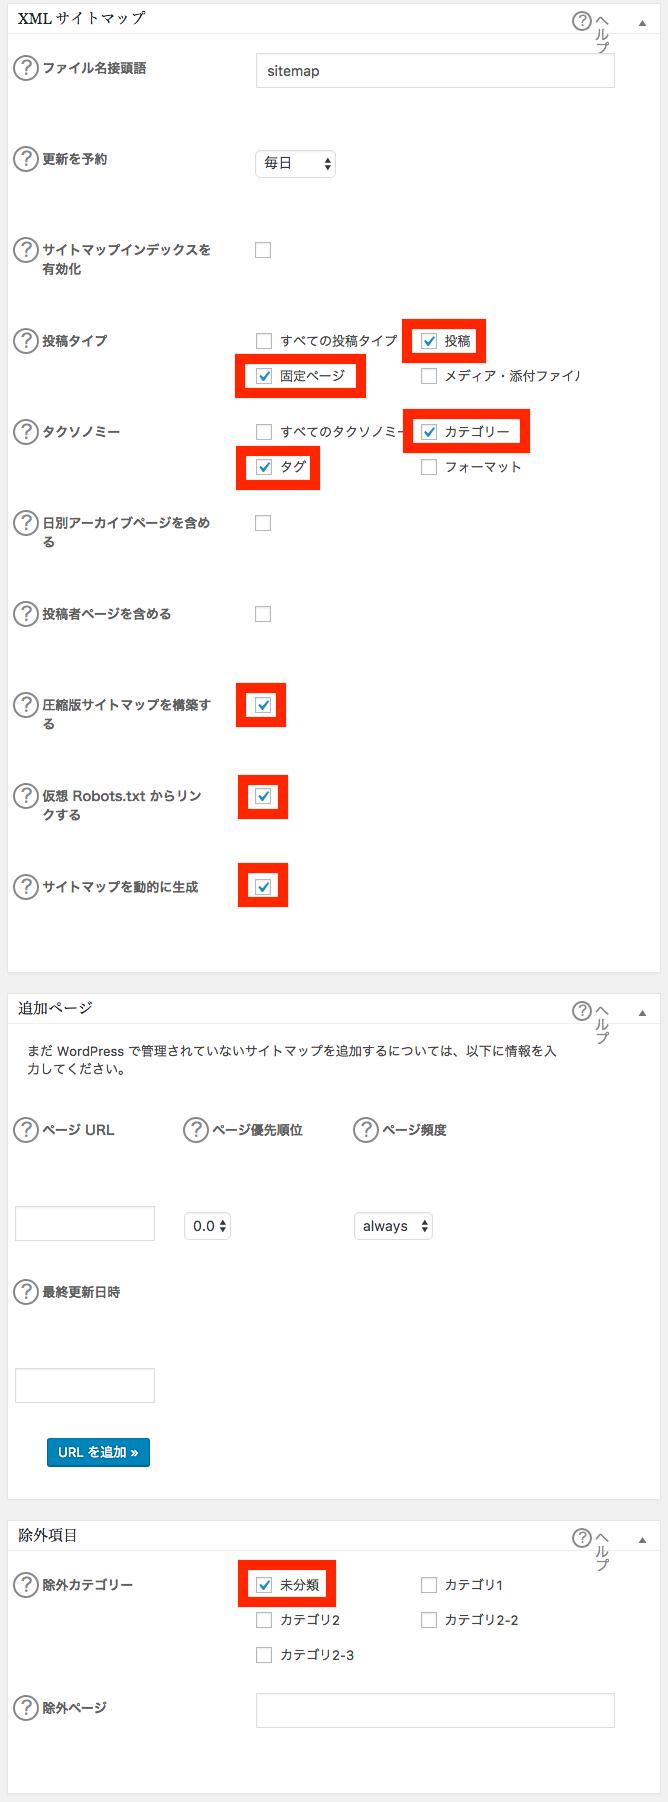 サイトマップ設定の事例